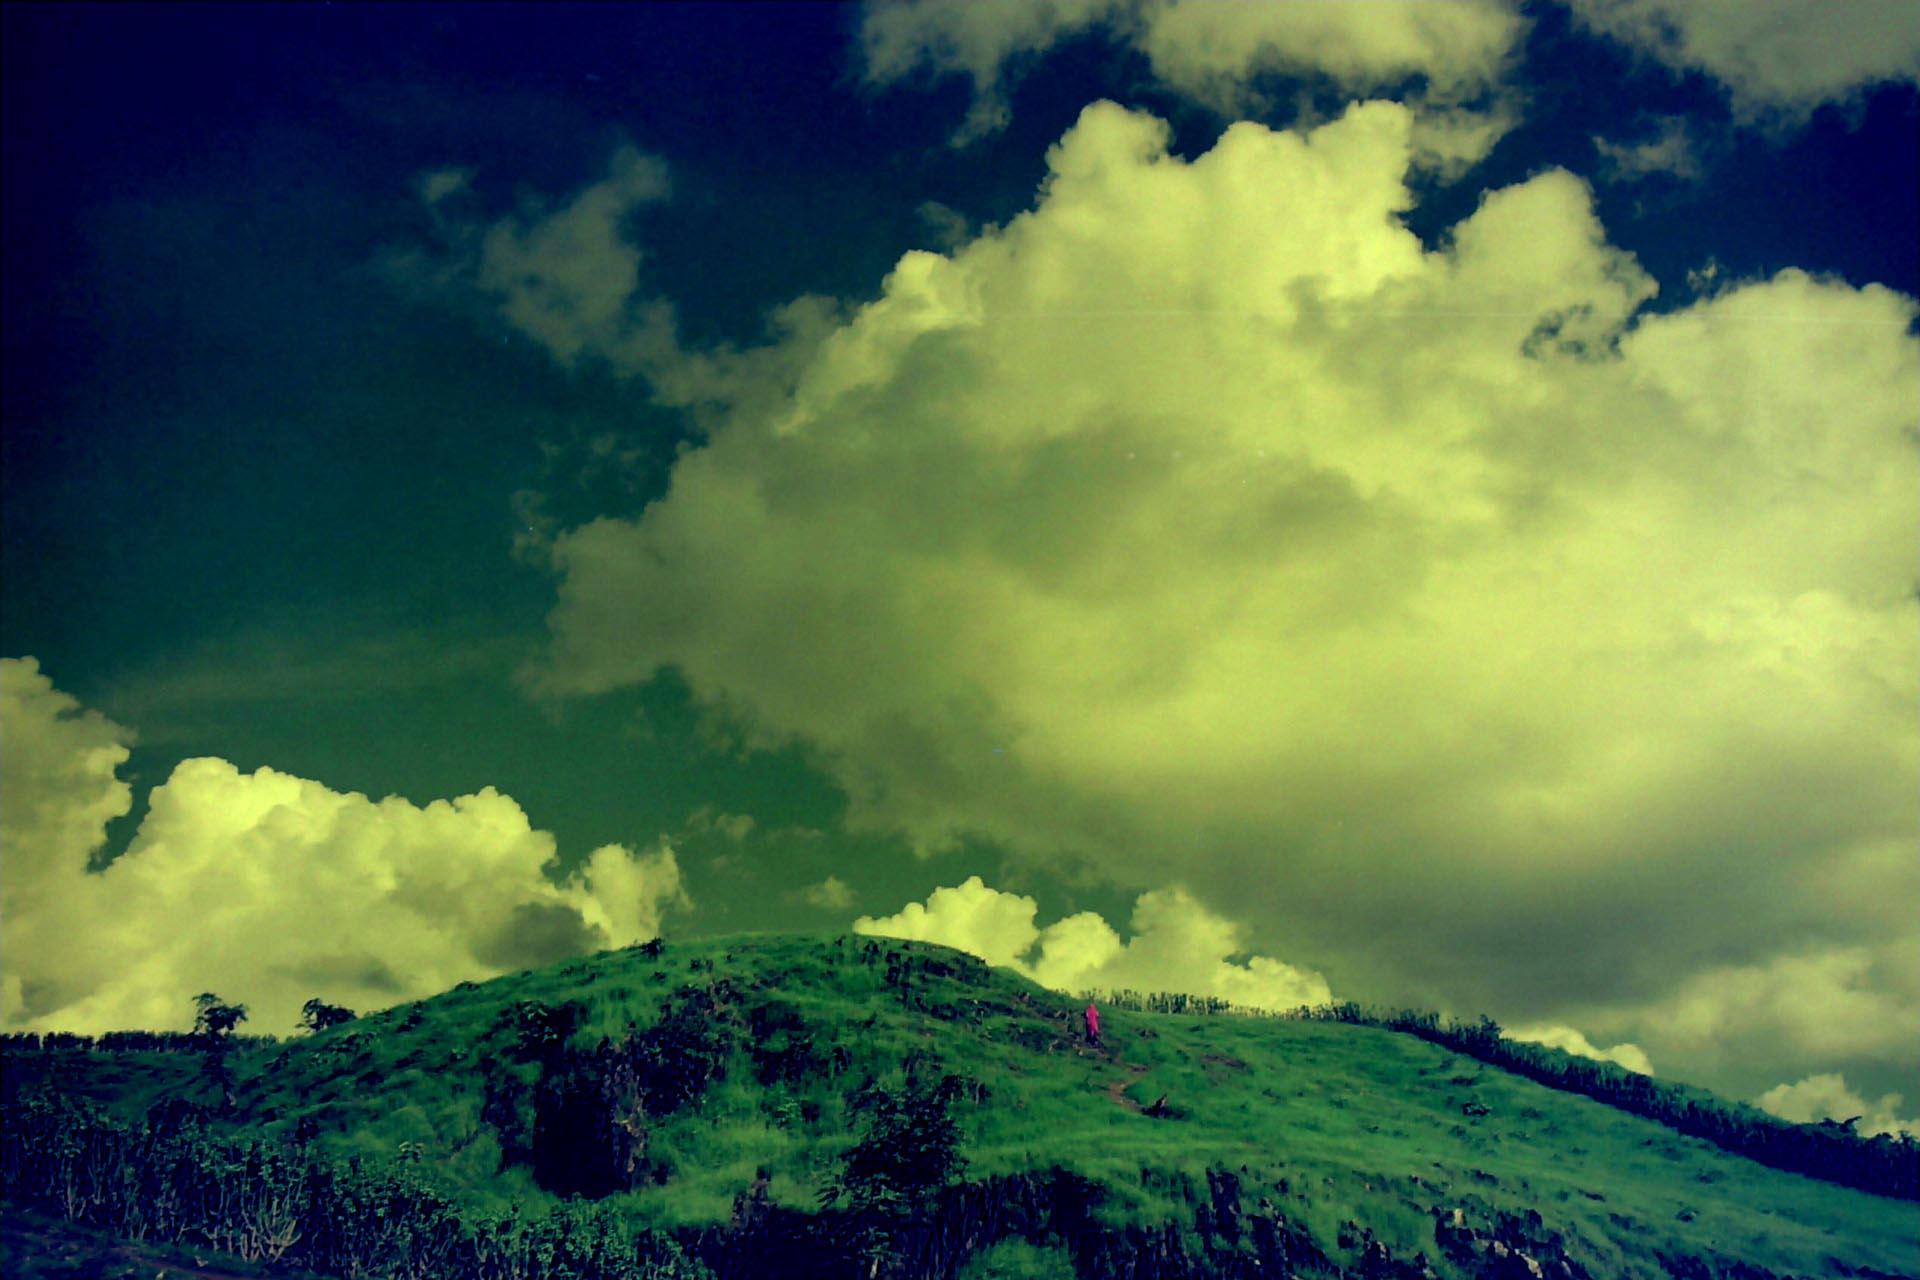 044-Verso il cielo,India 1990